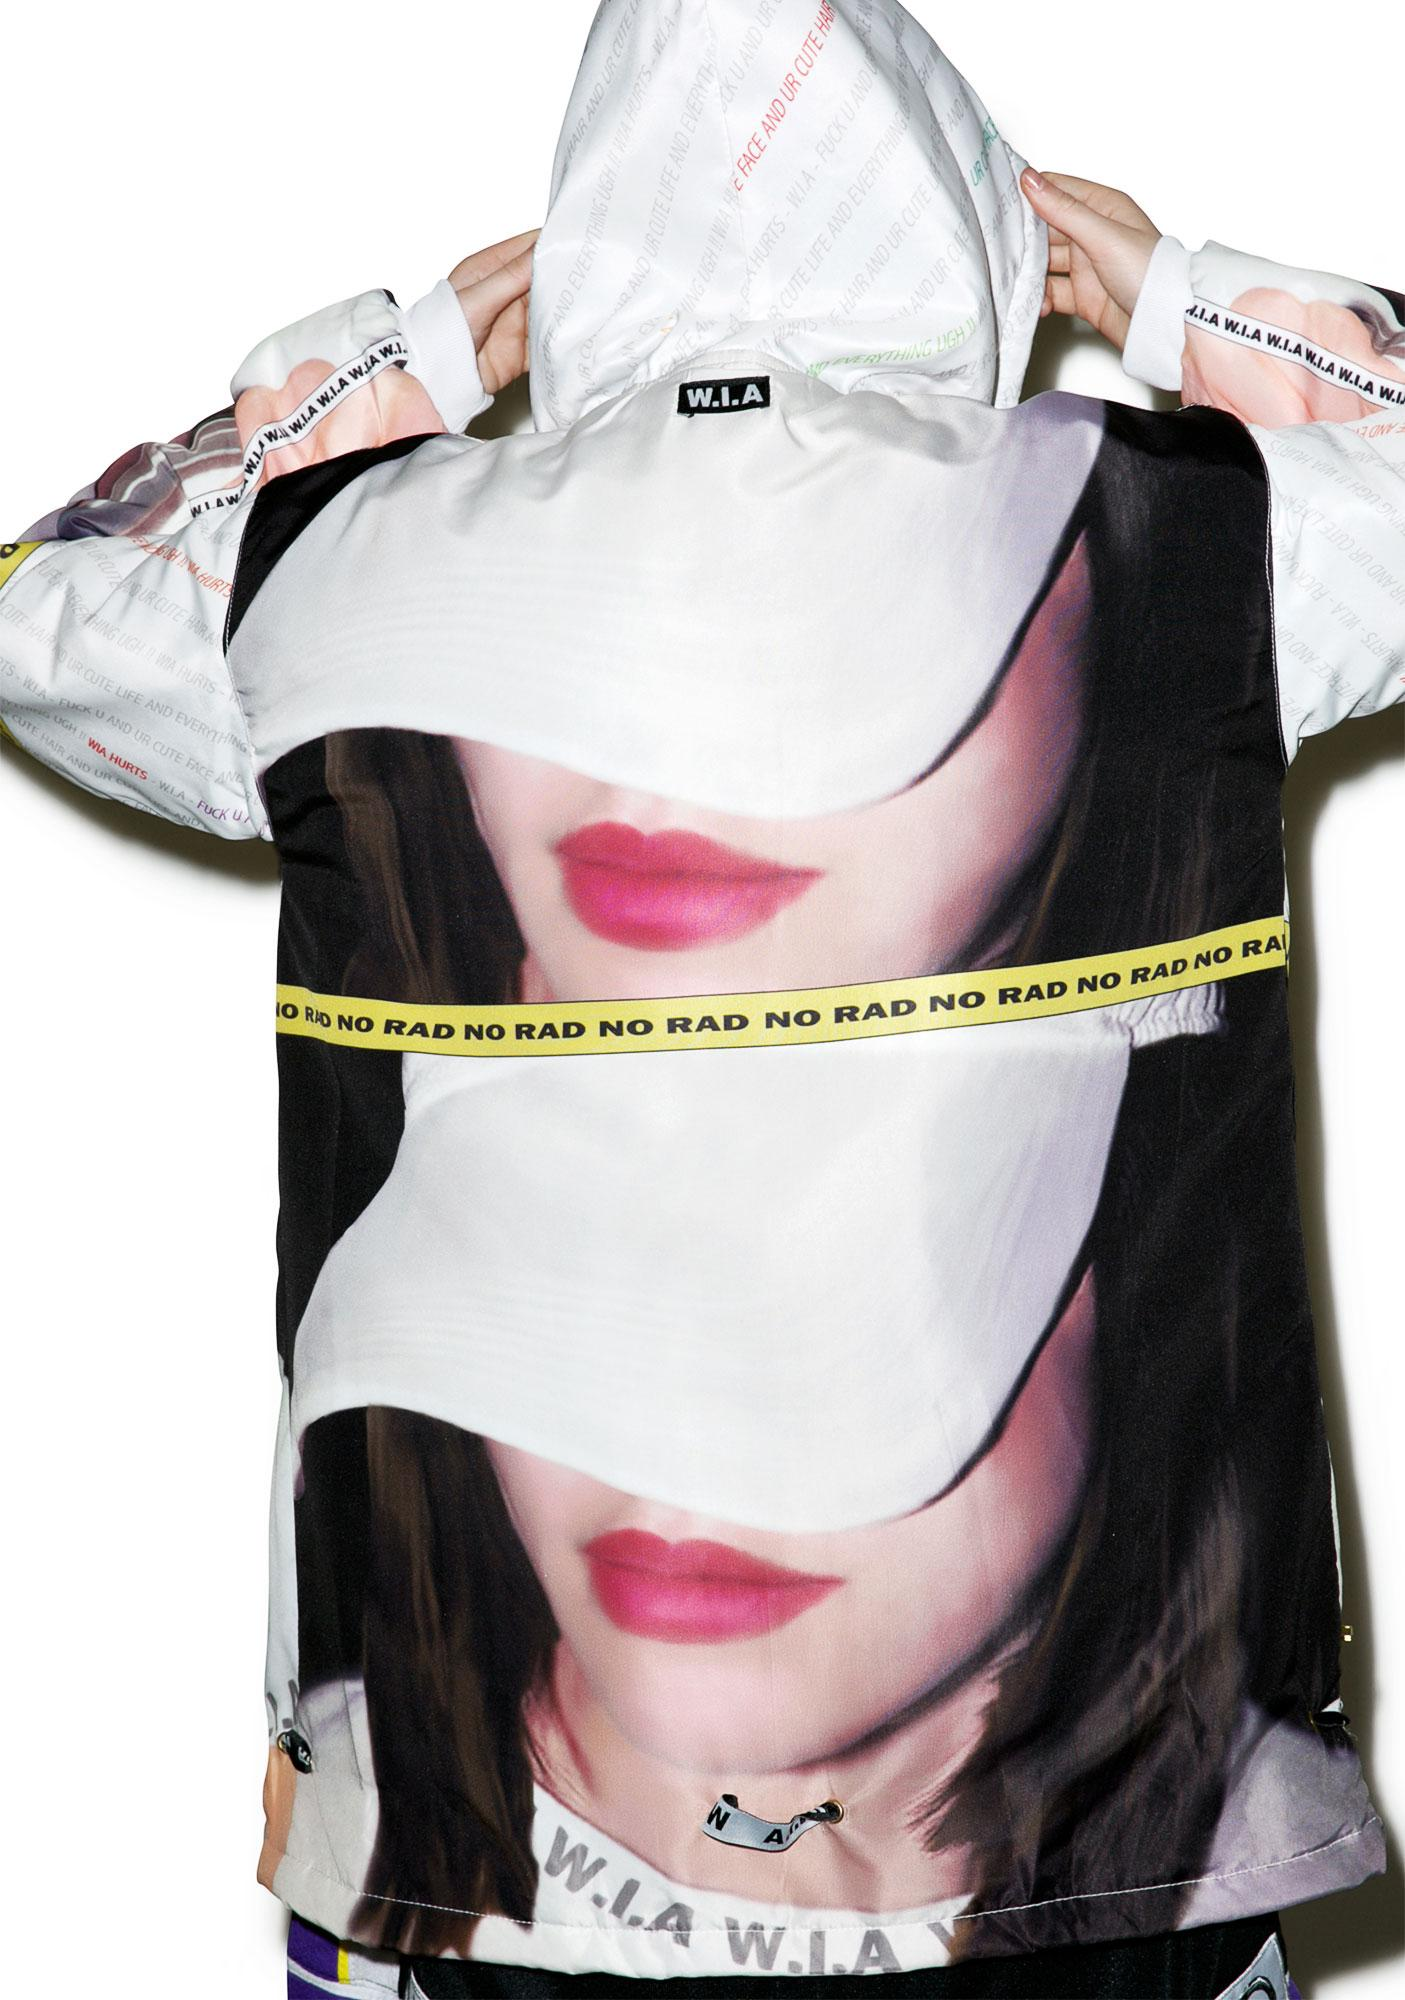 W.I.A Selfie Hoodie Jacket